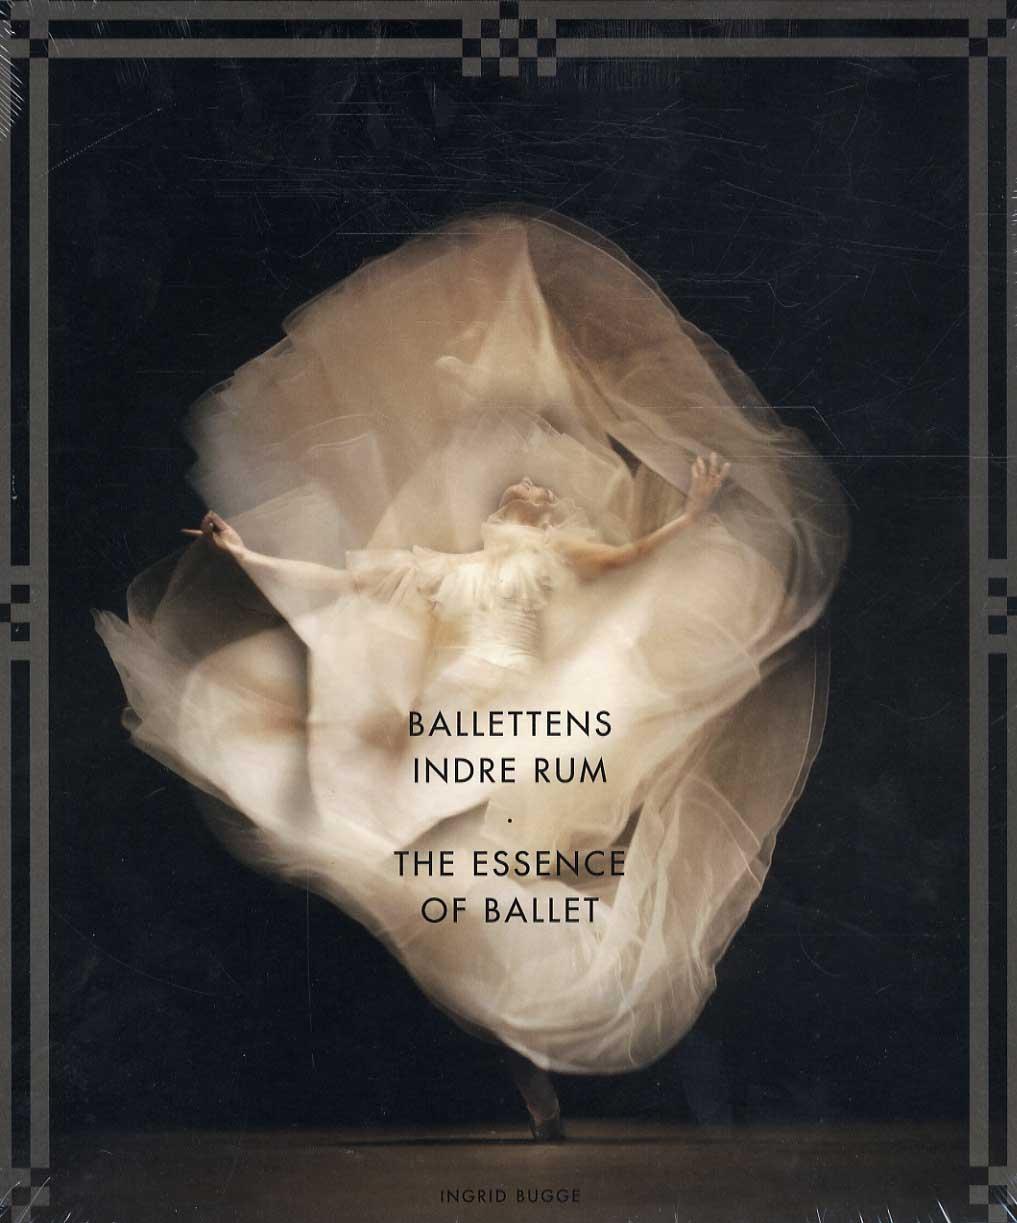 Ballettens indre rum